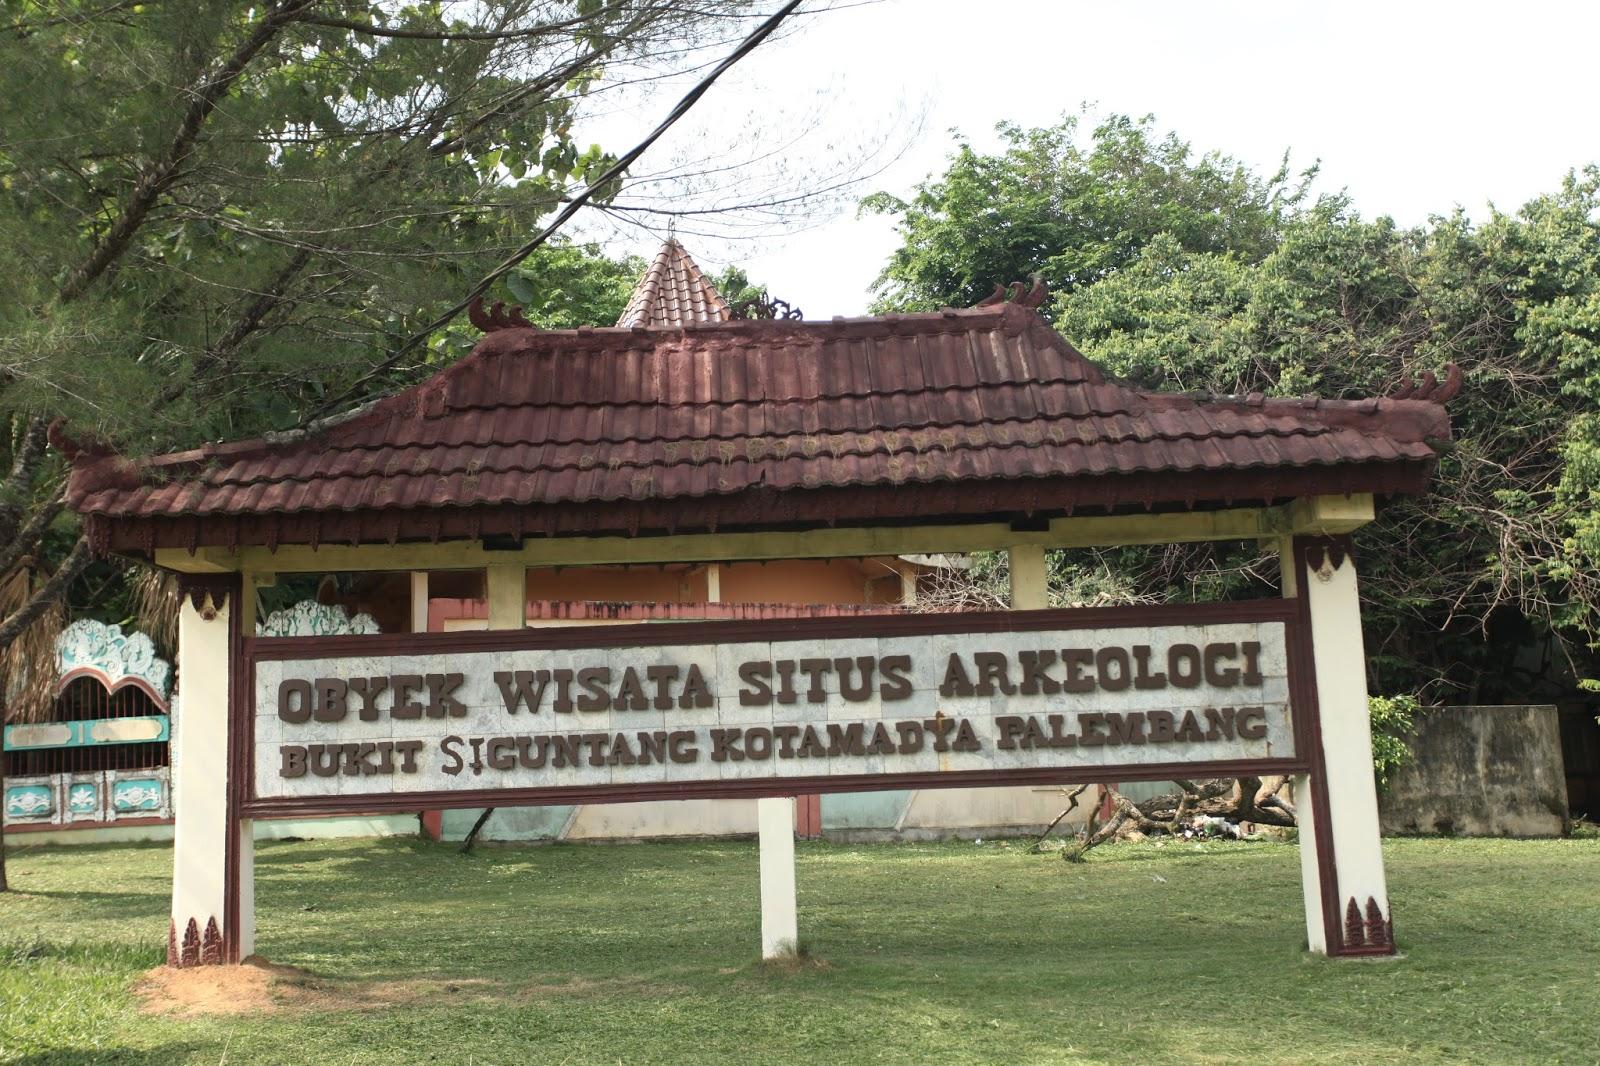 Taman Purbakala Kerajaan Sriwijaya Bukit Siguntang Kaki Diduga Reruntuhan Bangunan